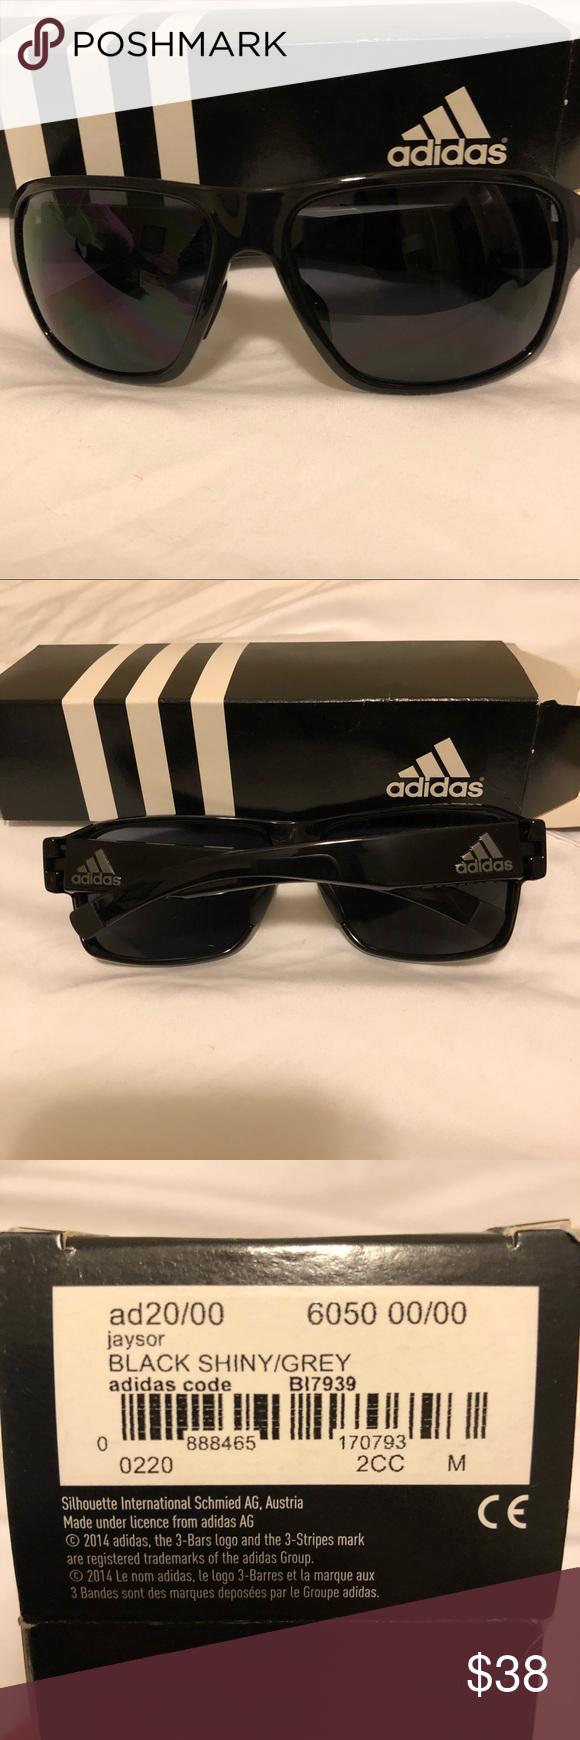 Desarmado Garganta ignorancia  Adidas Jaysor Sunglasses | Sunglasses, Glasses accessories, Adidas